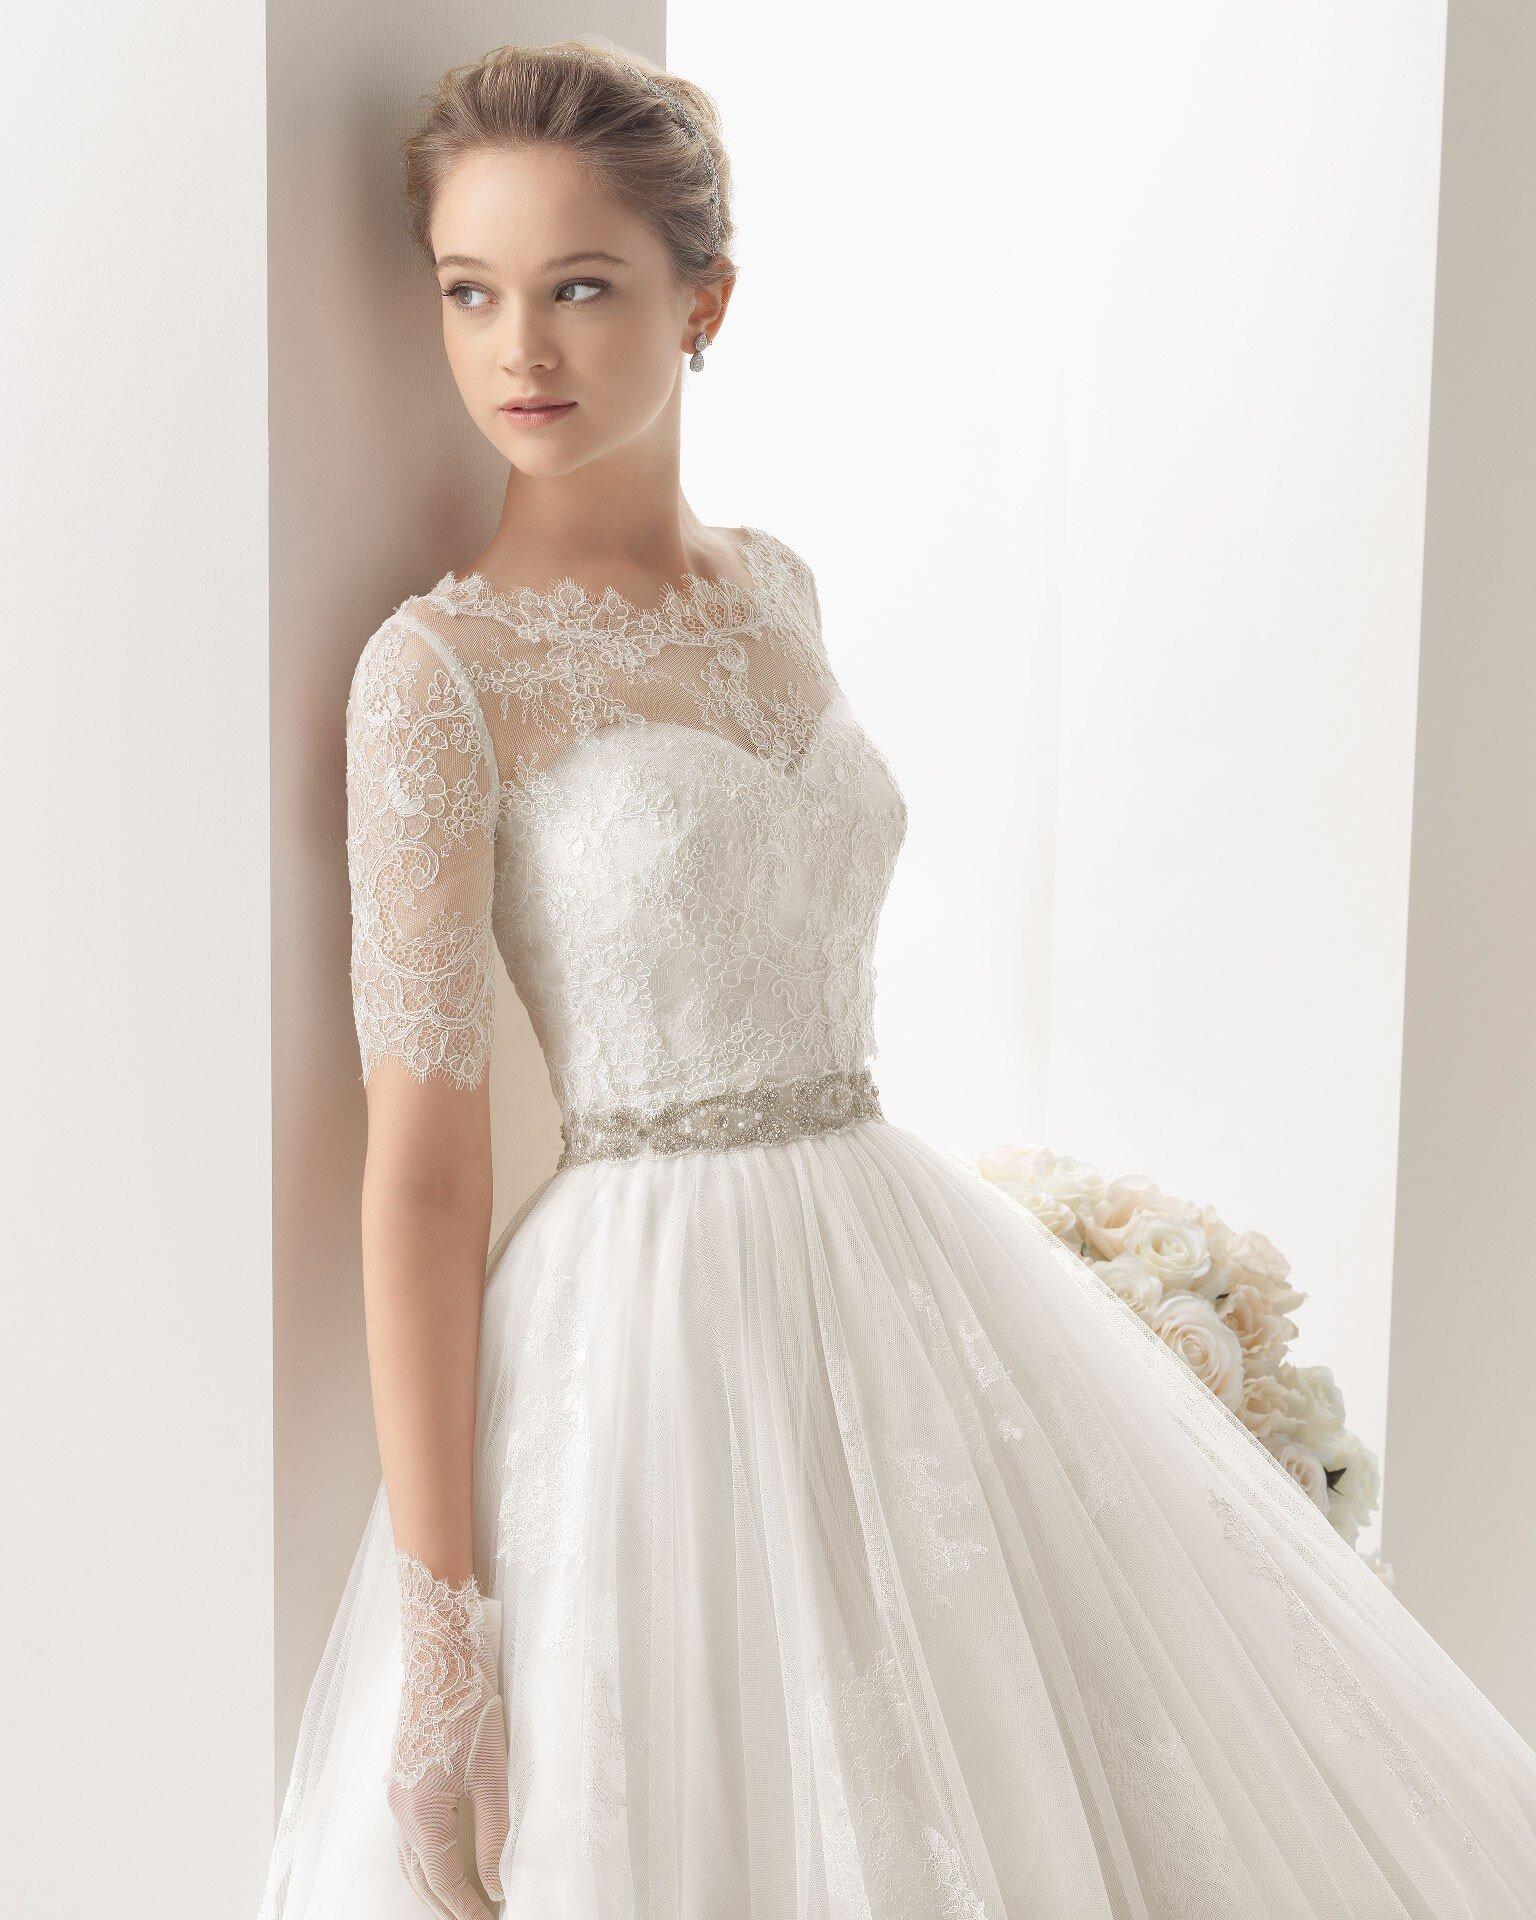 Những mẫu váy cưới tuyệt đẹp dành cho cô dâu gầy